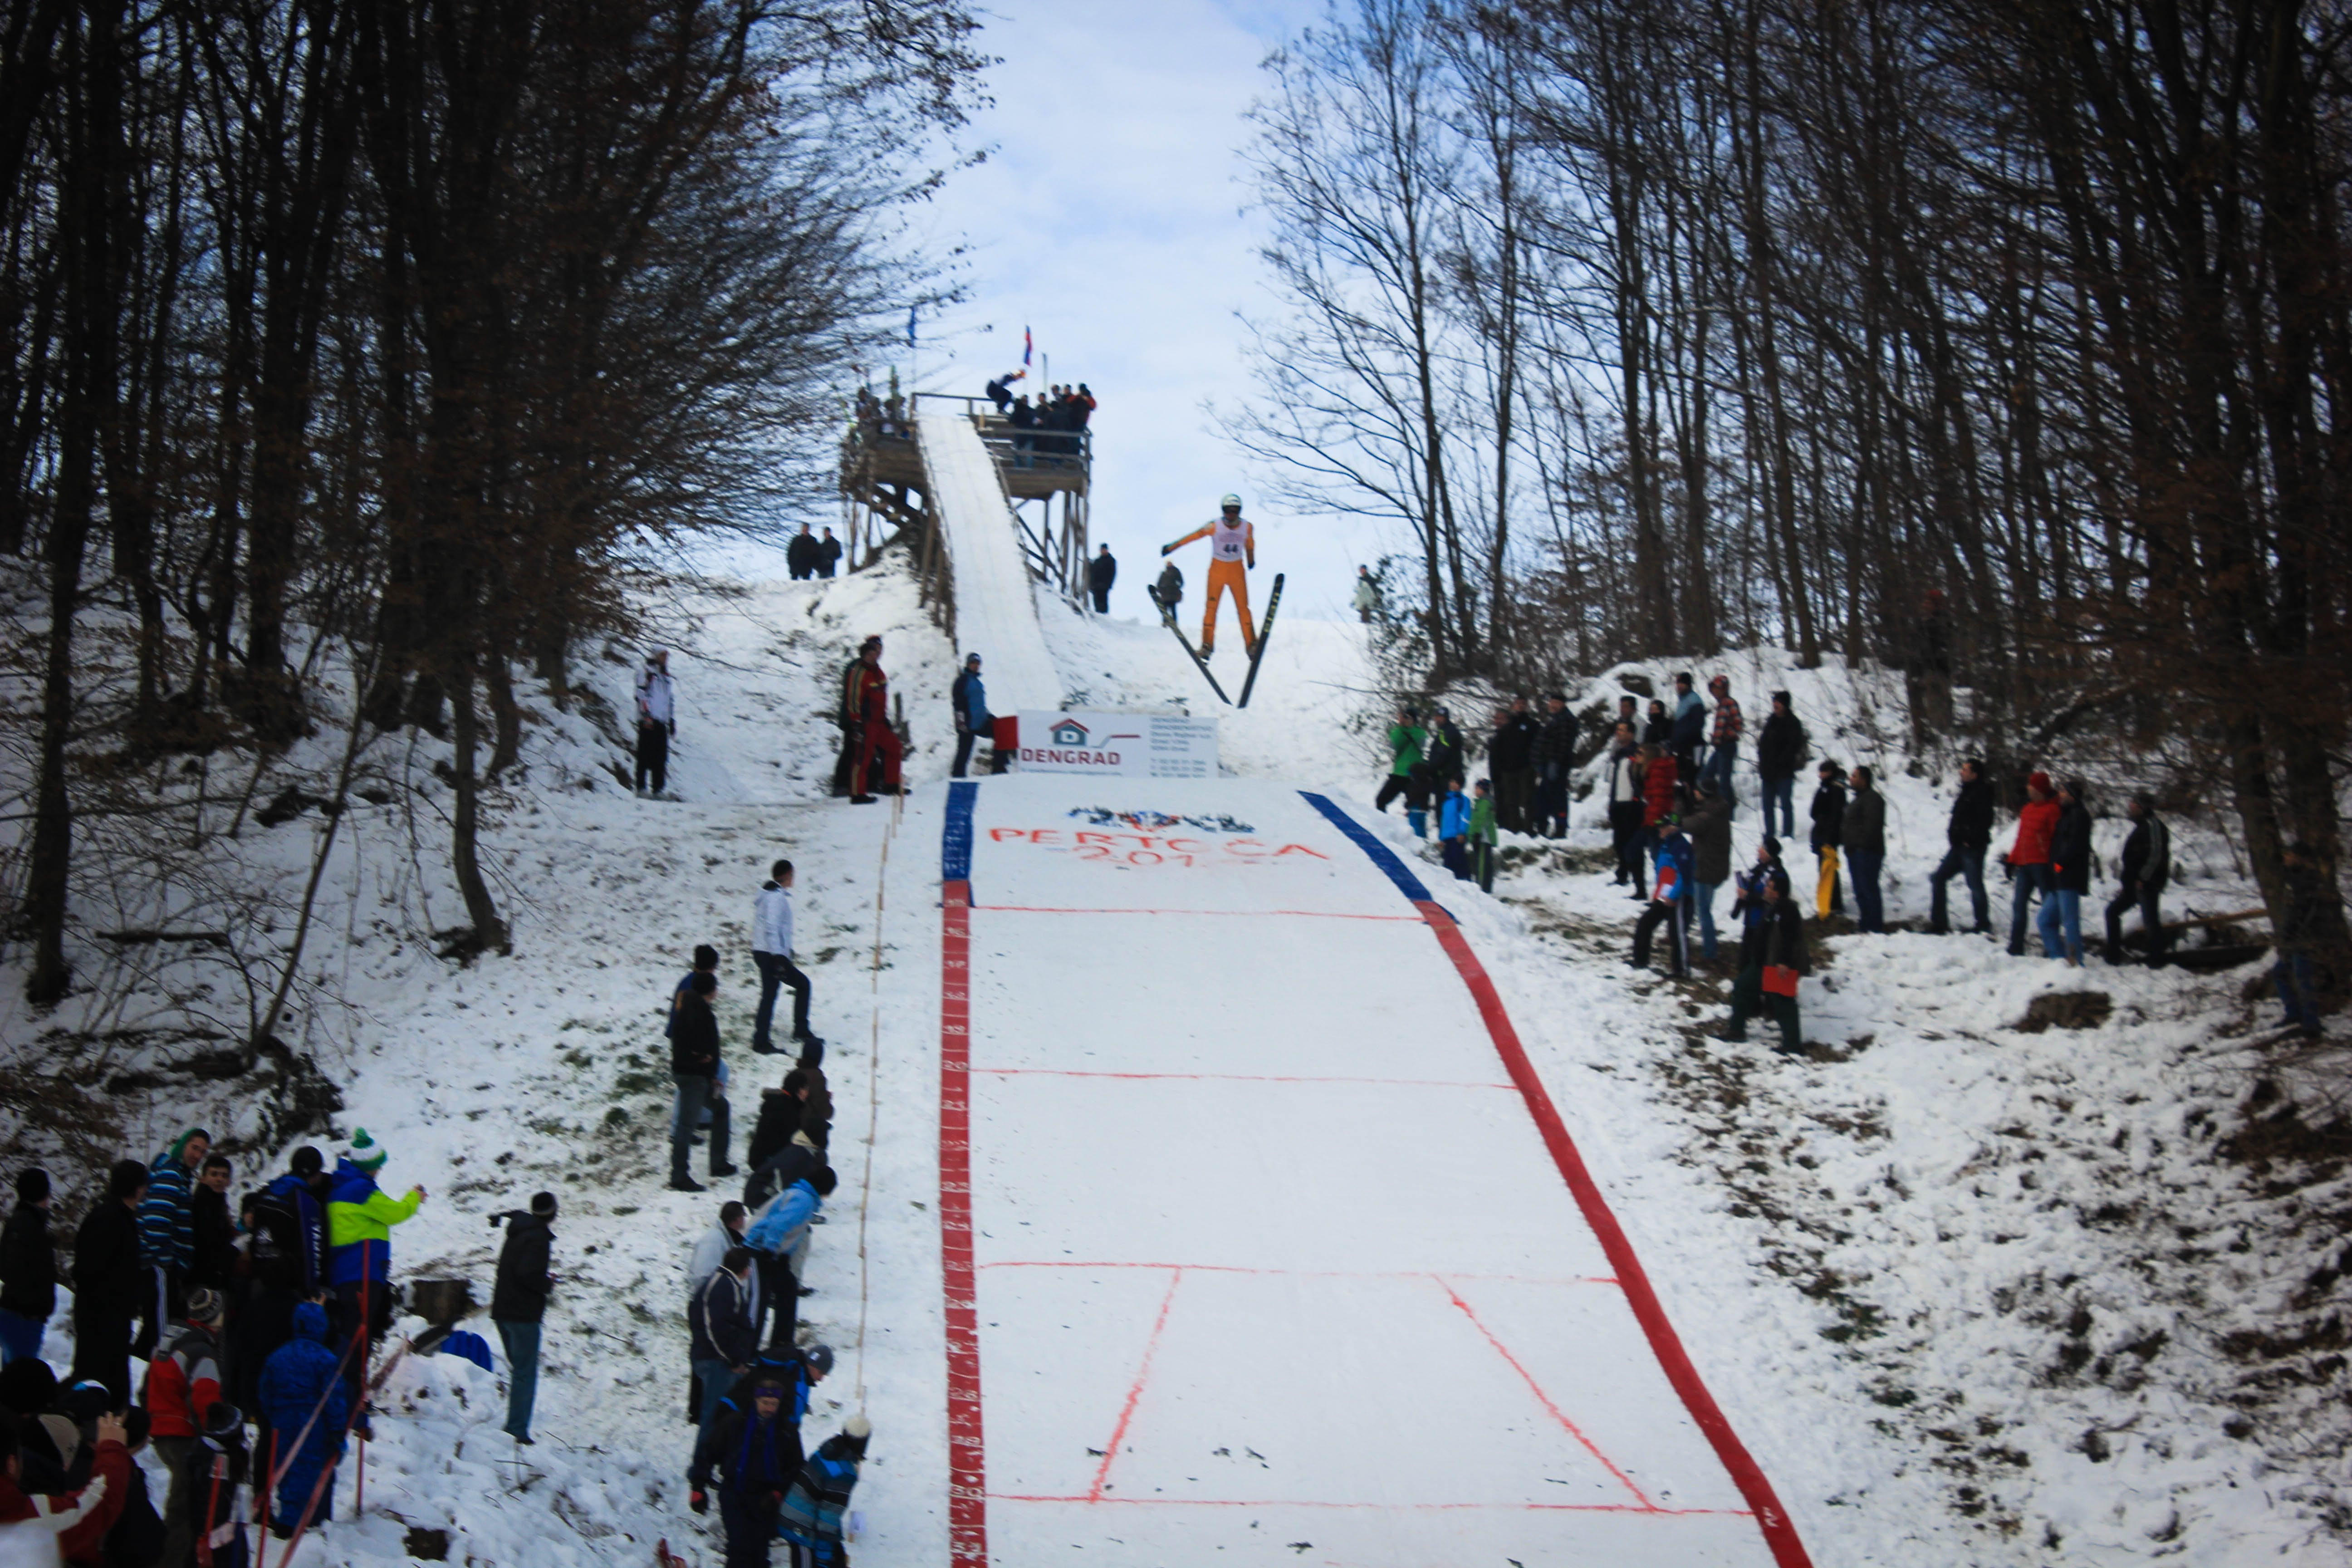 Na Pertoči je postavljen nov rekord skakalnice; foto: Denis Malačič